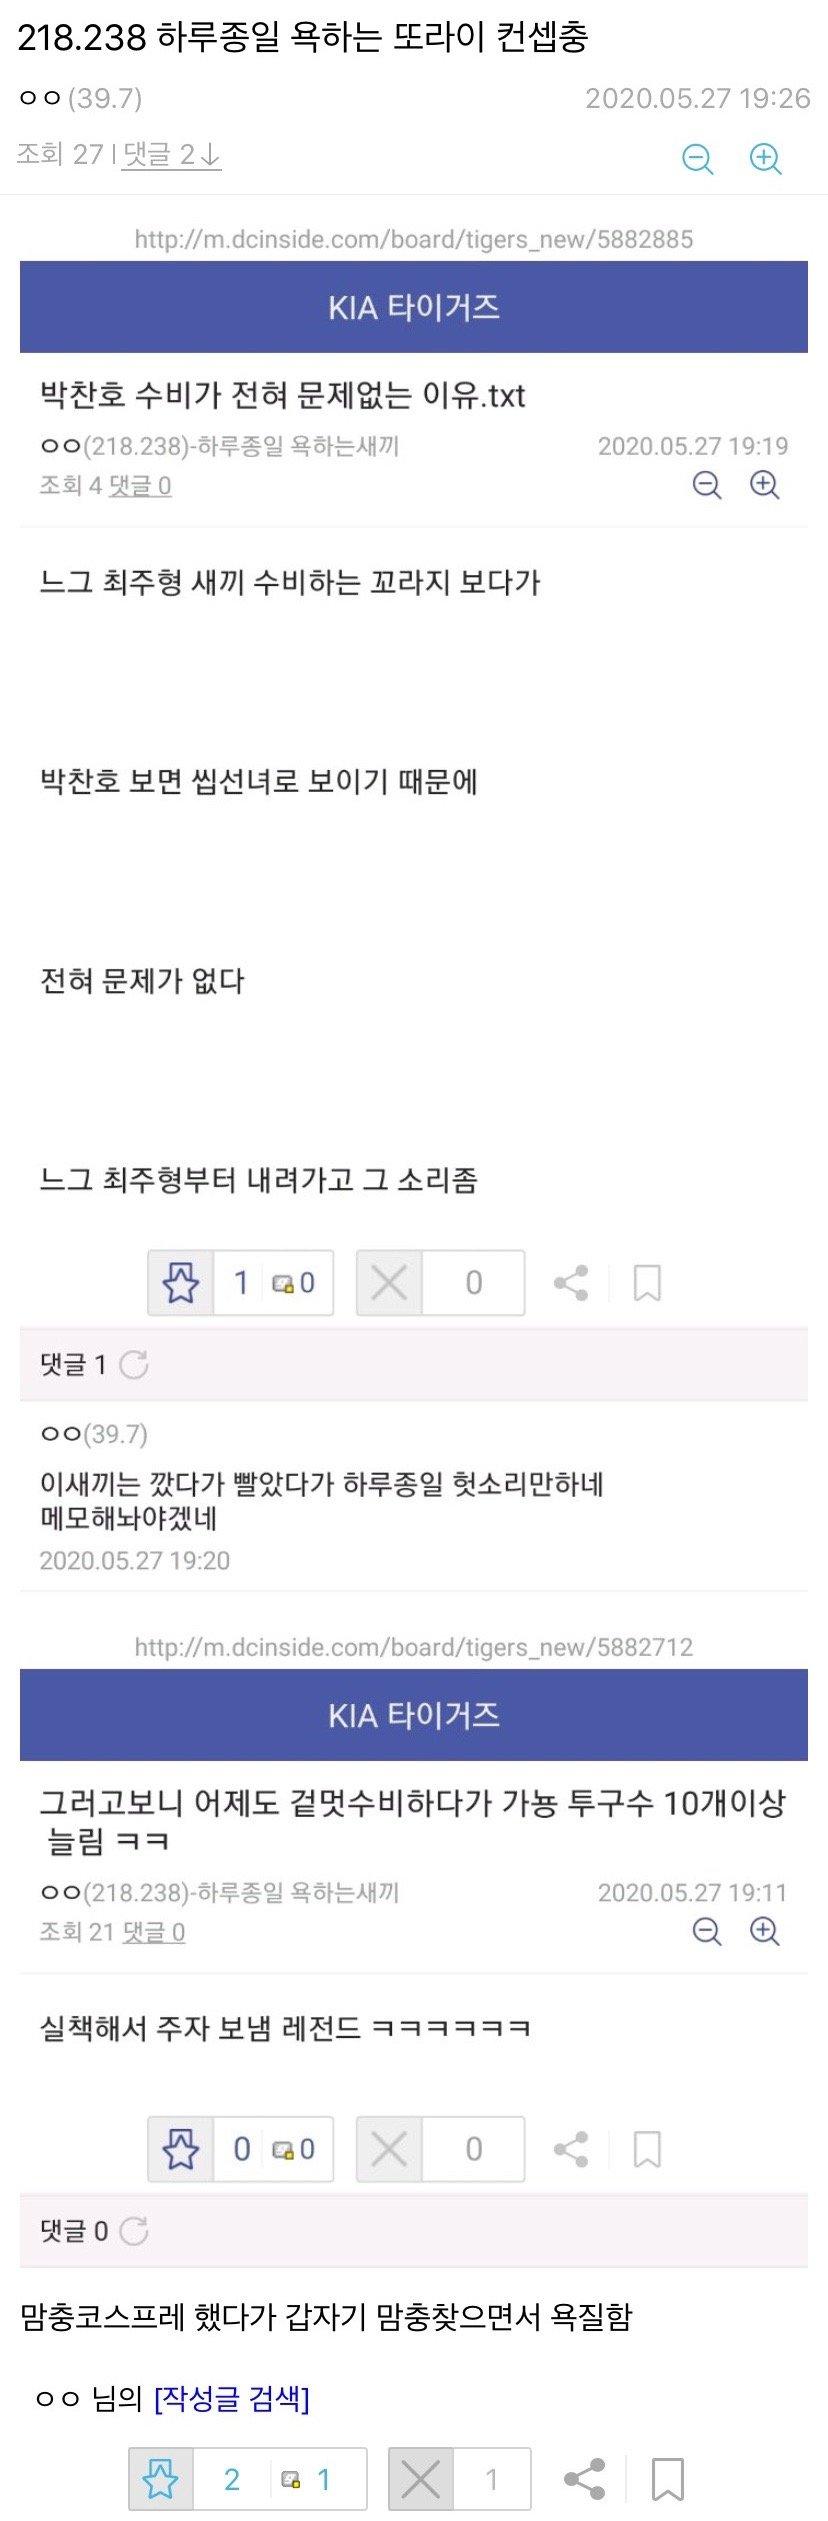 viewimage.php?id=39b4d723f7c107a86ba8&no=24b0d769e1d32ca73ded8ffa11d028313550f9fb3f9dac8b24082c81cb5f5a42cafc08fe035d253eb0cc9180fb892933a6dfacfb01a239ce4fd913124681eeb1aa770dc70199b70bcb83b3a66361f0cdfbdc2c428d7859dfab708114fc5e7e769e8d1144797b6e3c28f243